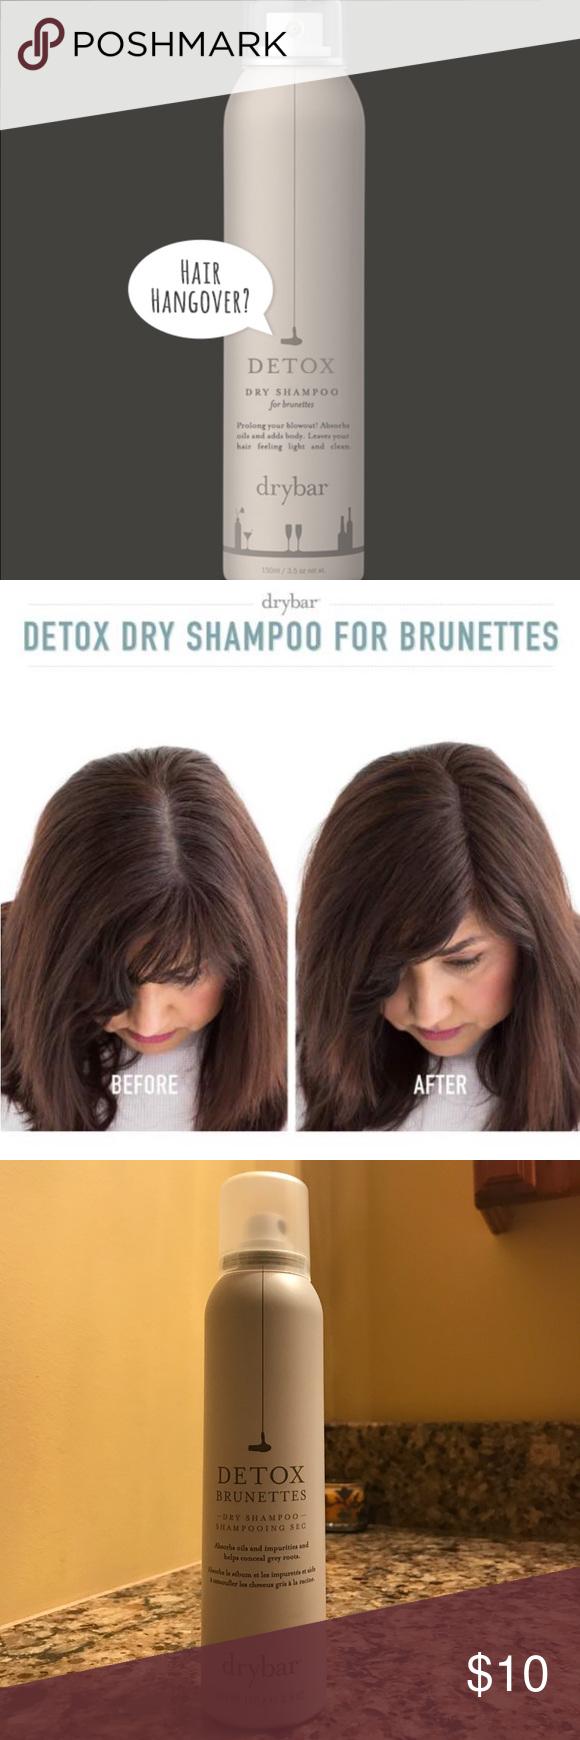 Detox Dry Shampoo For Brunettes Dry Shampoo Shampoo Brunette